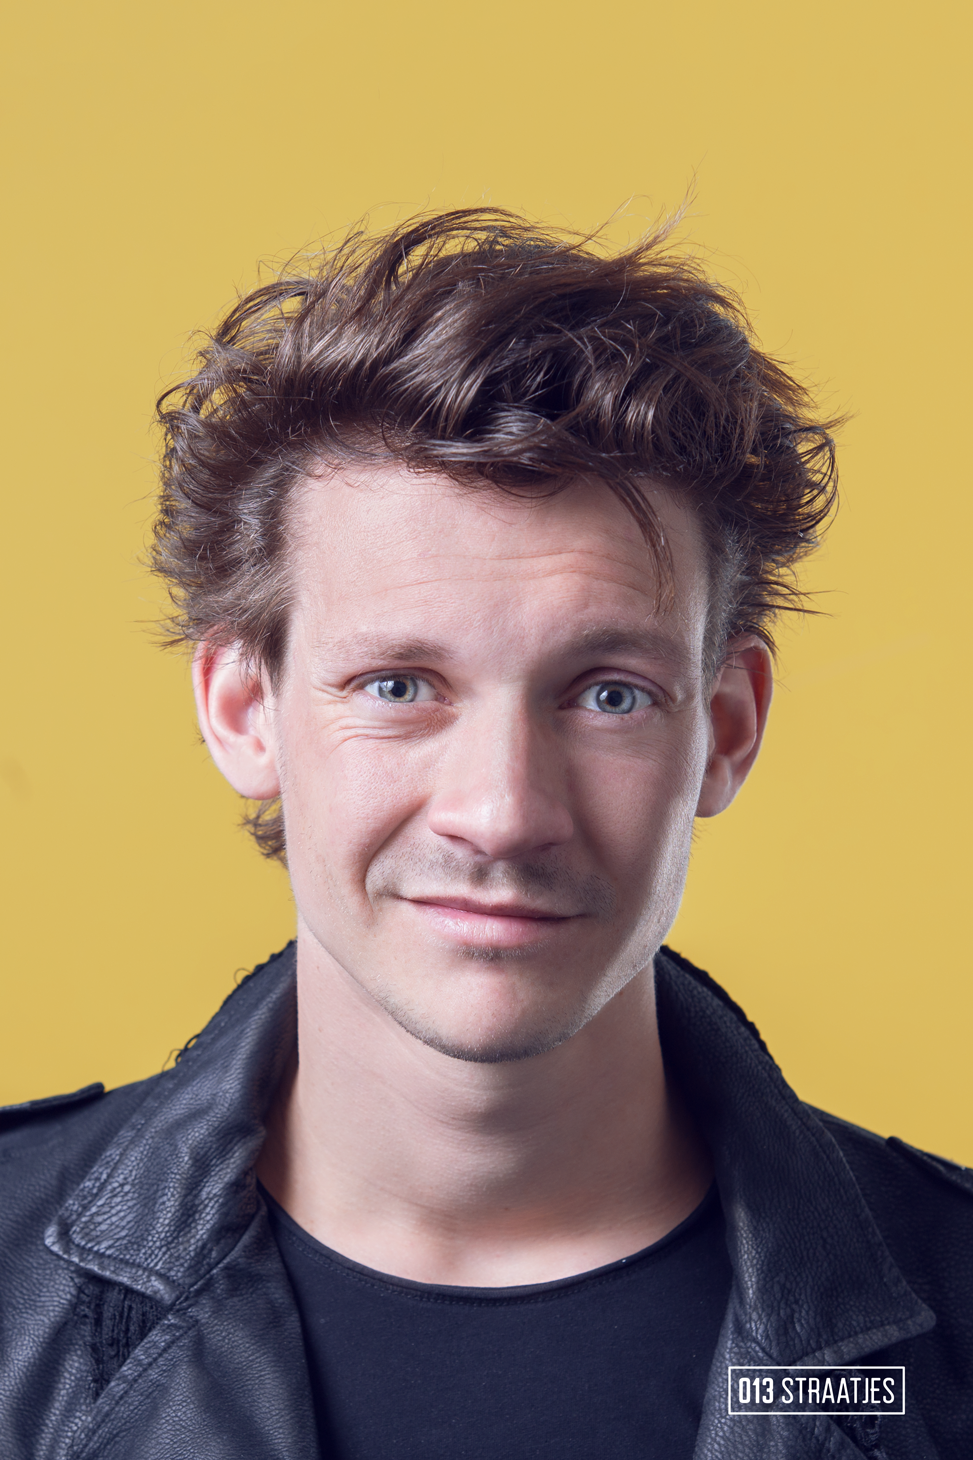 013Straatjes-Tilburg-interview-Tom-de-Meer-Fotografie-Sheridan-Flipse